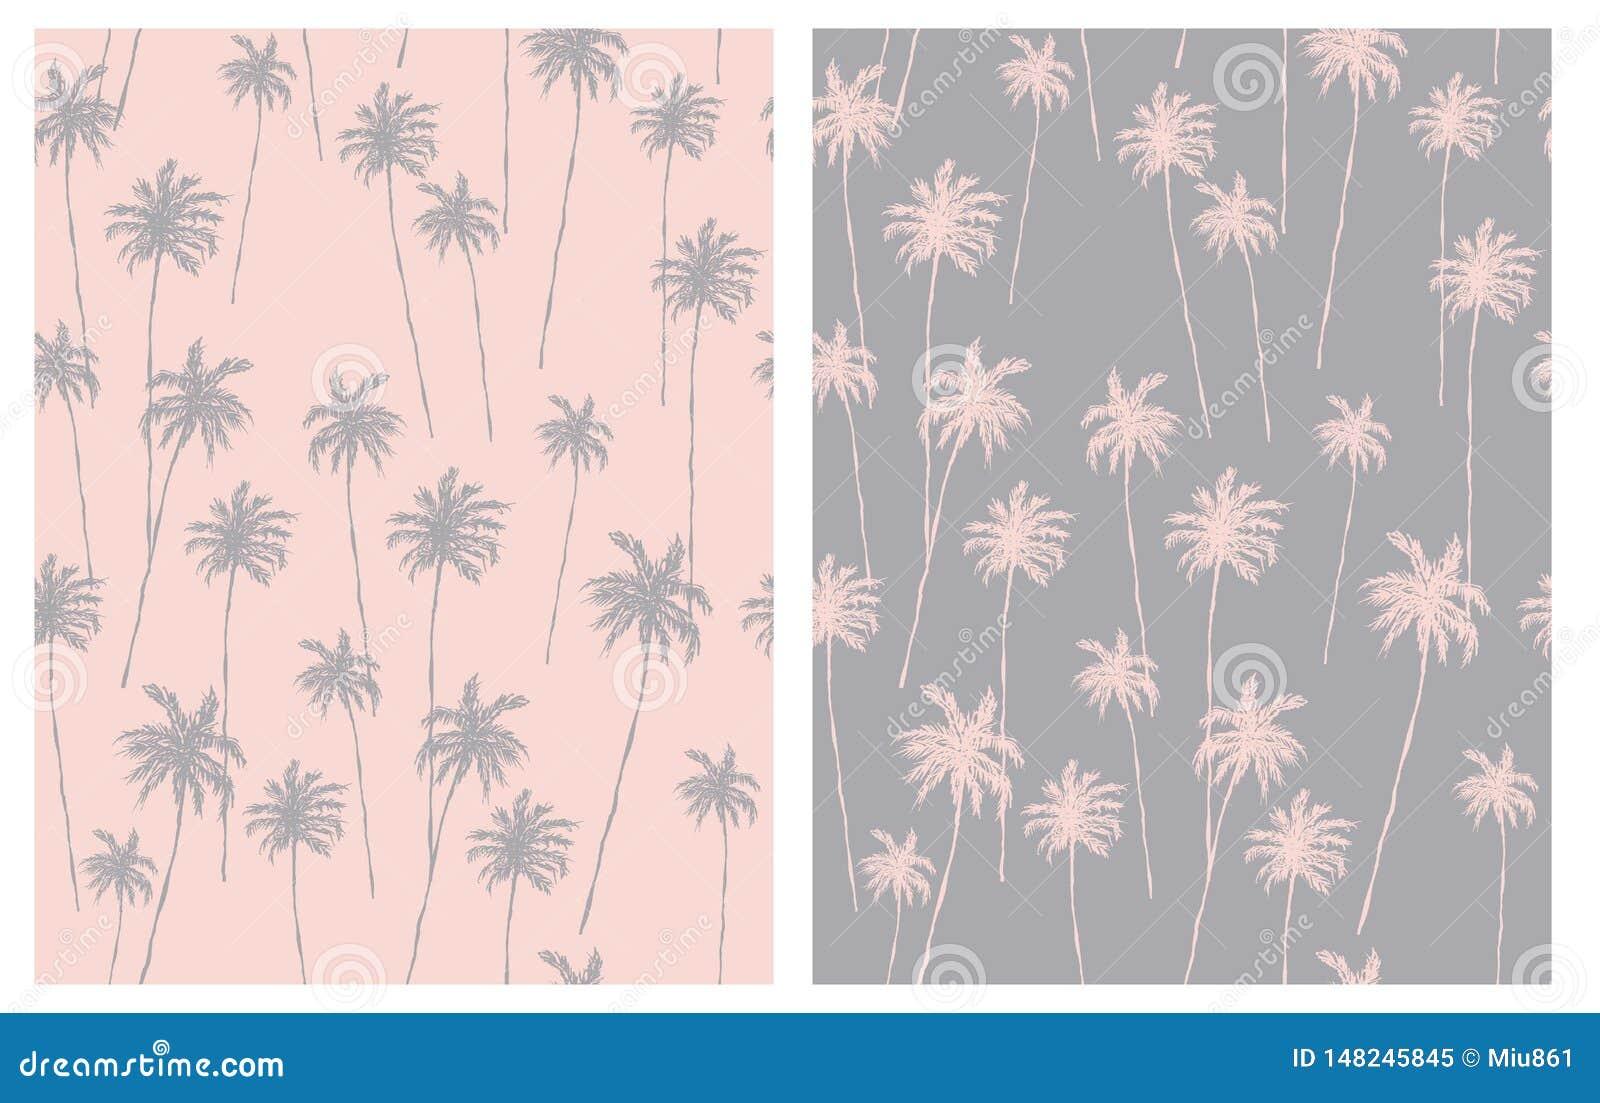 Pálido - rosa y Gray Tropical Design para la materia textil, tarjeta, papel de embalaje, Aloha Party Decoration